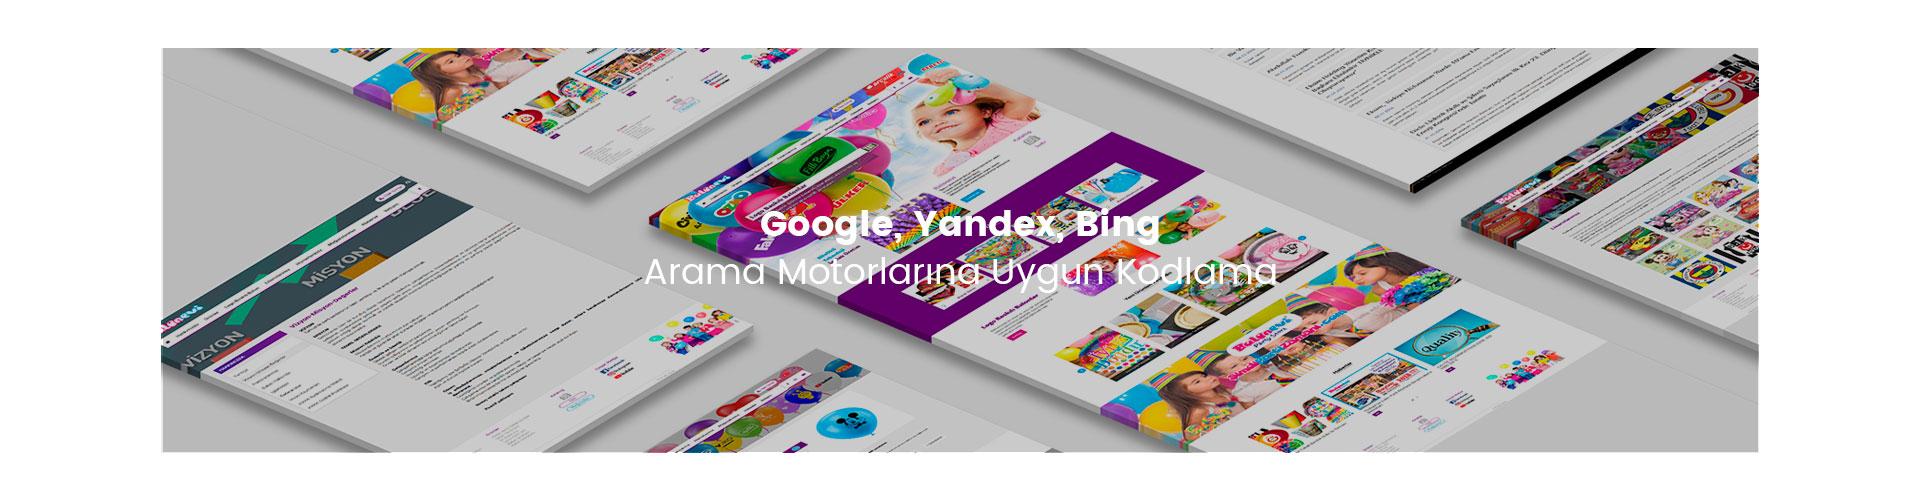 Balonevi Web Sitesi Google